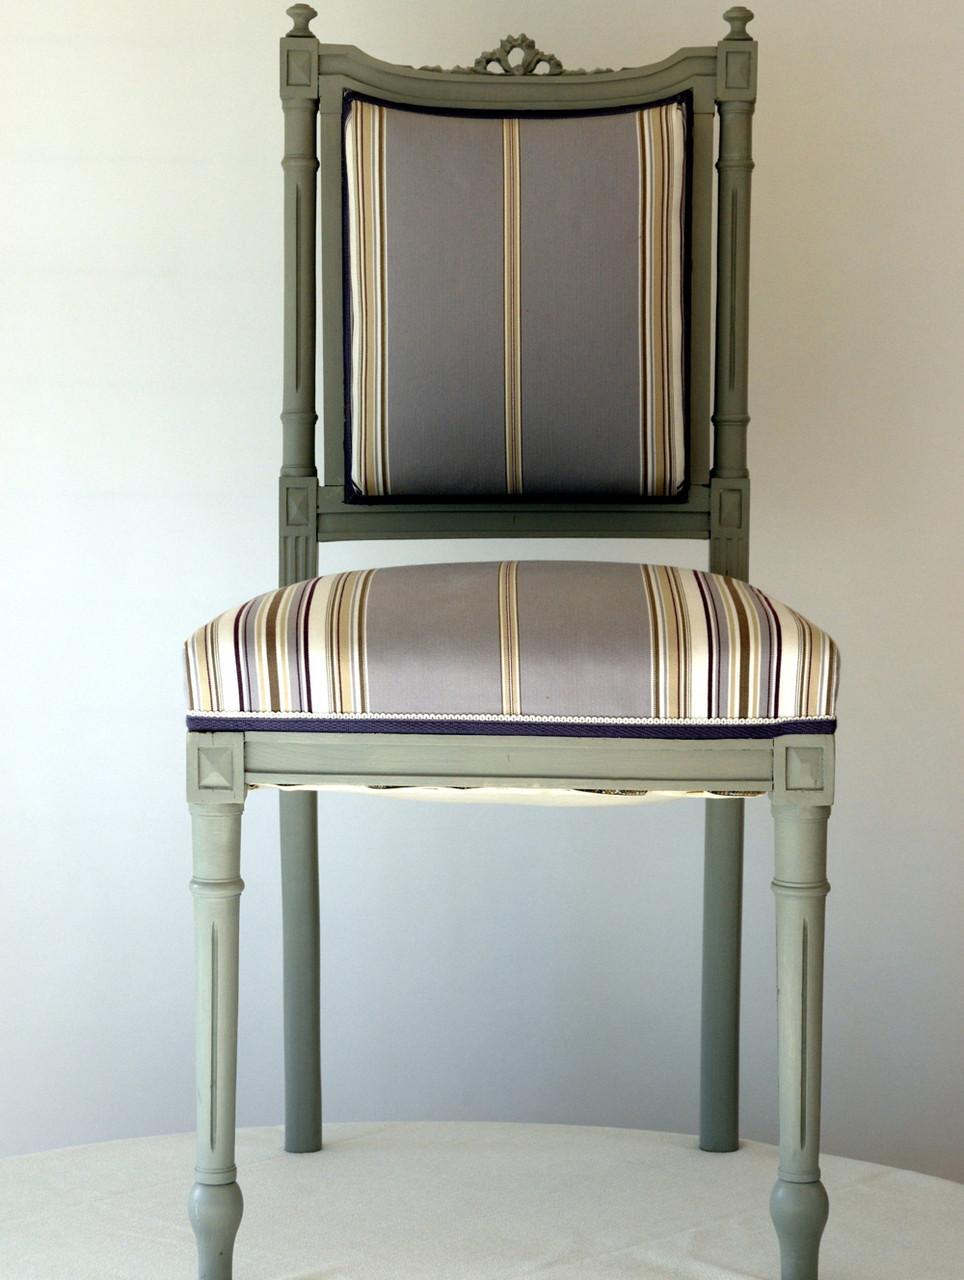 Chaise de style, peinture, tissu, garnissage à l'ancienne, 2 pièces disponibles,